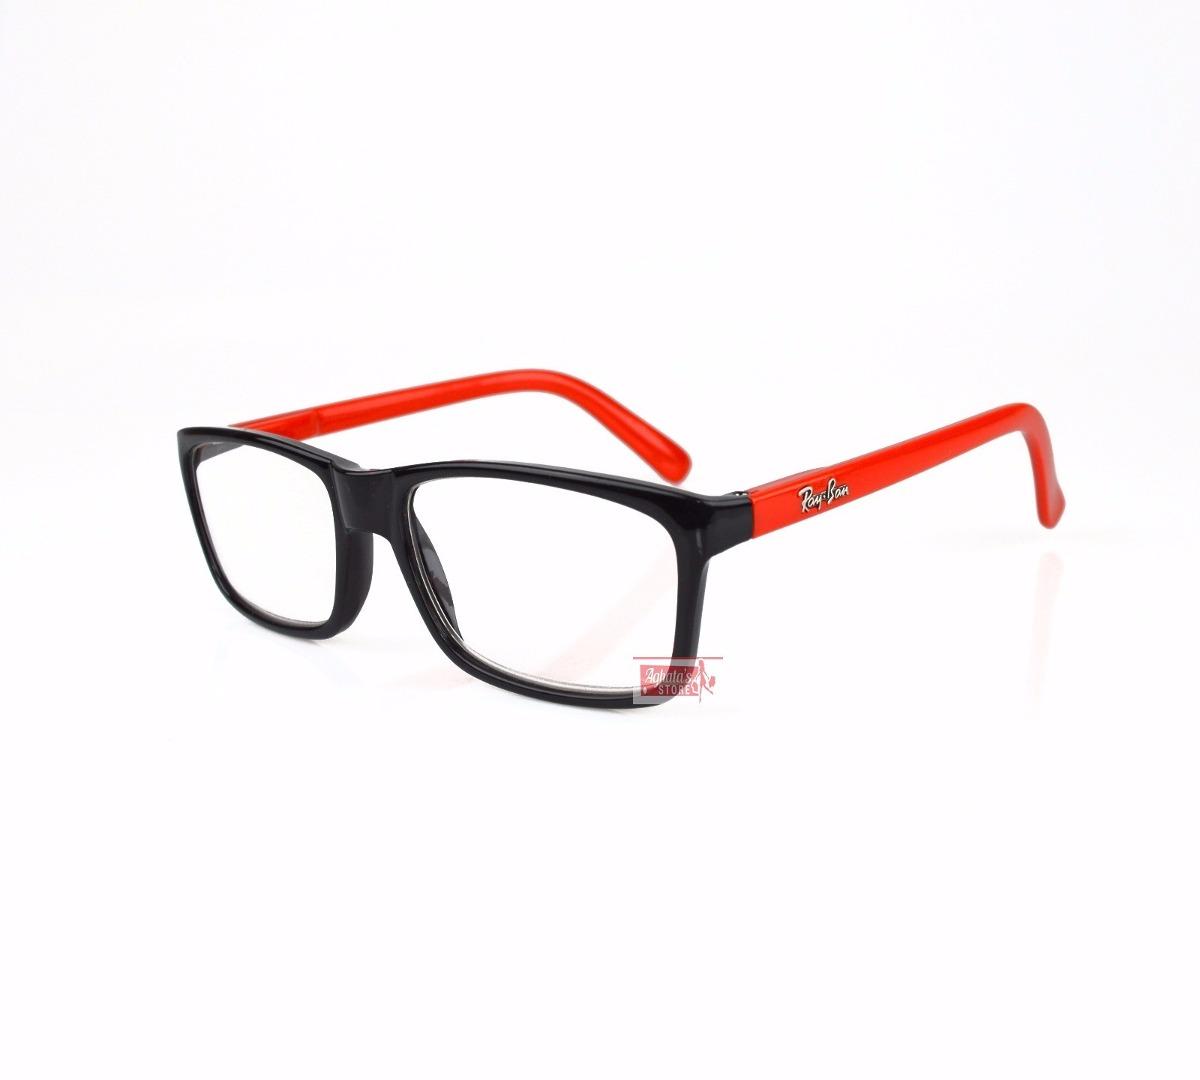 a1b9b2c76e9d0 armação óculos de grau 8254 feminino masculino adulto barato. Carregando  zoom.